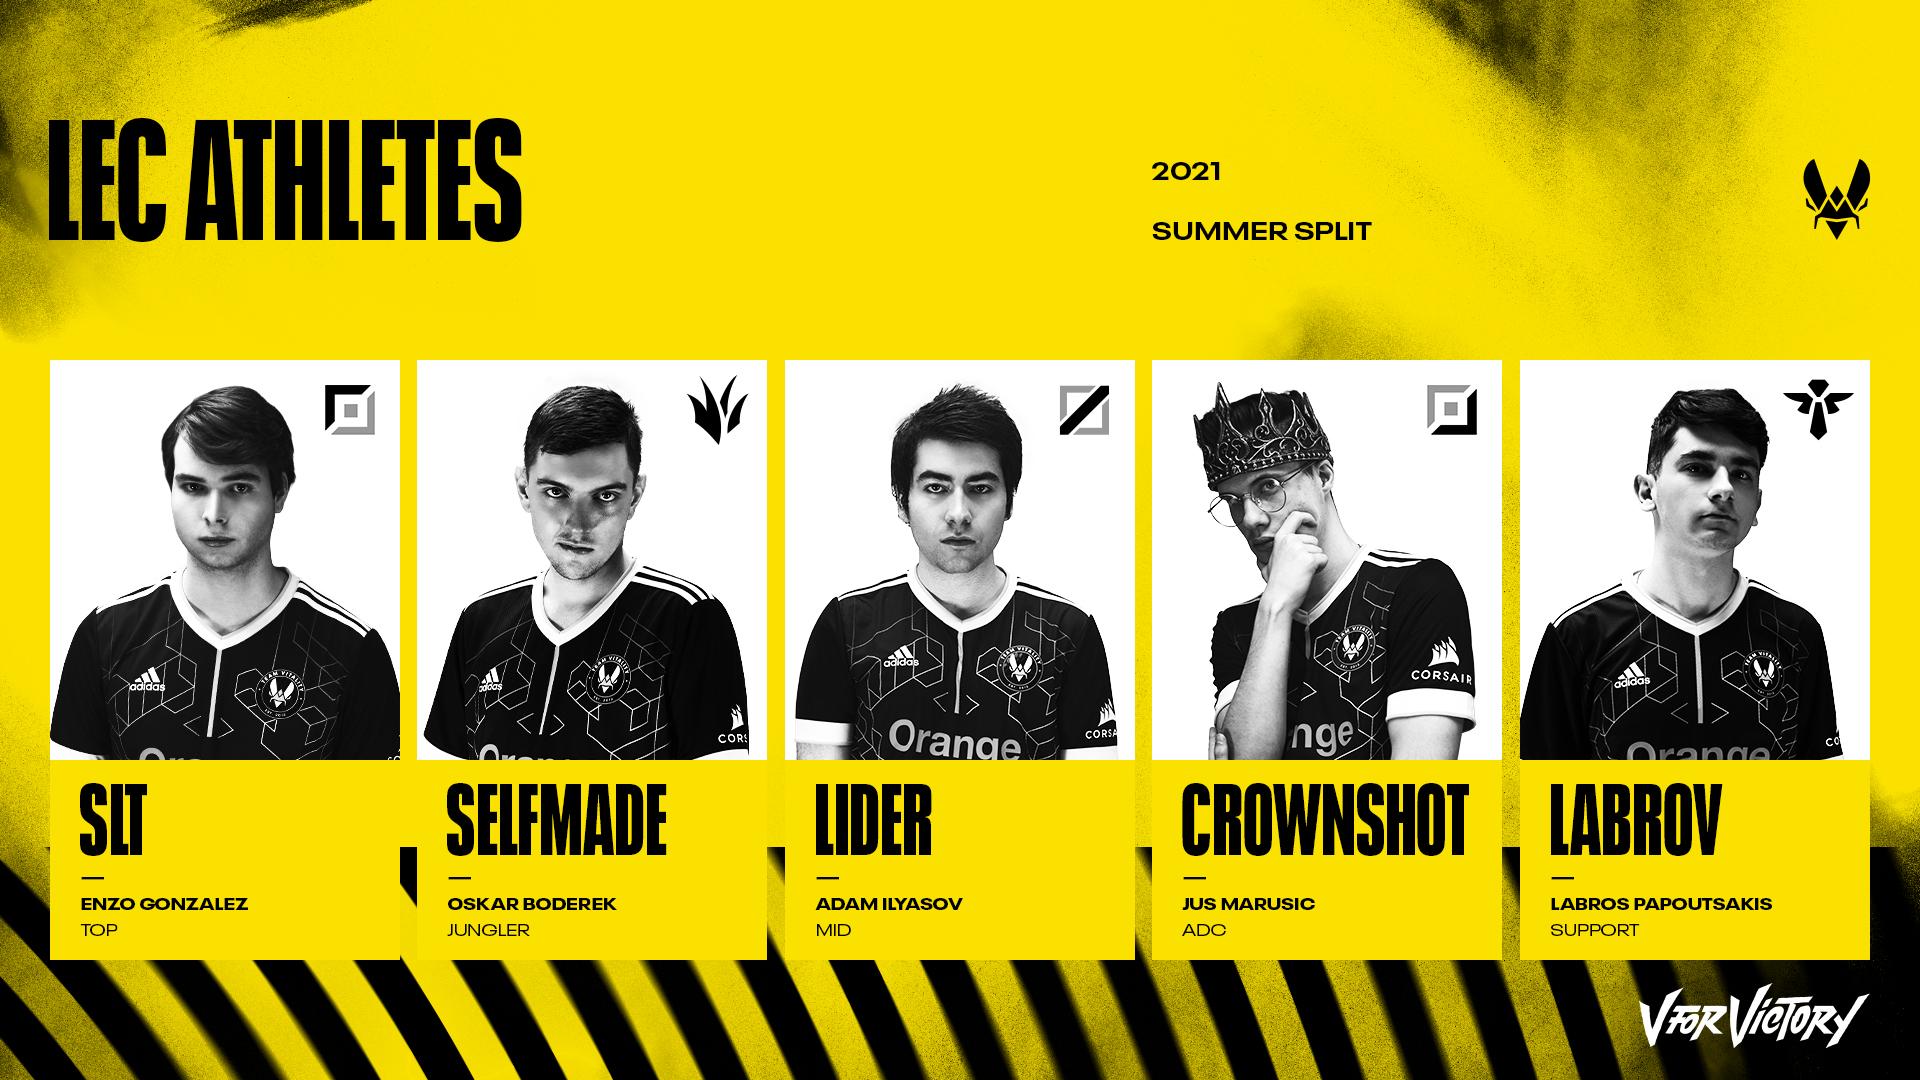 Team Vitality 2021 LEC Summer Split Roster Announcement